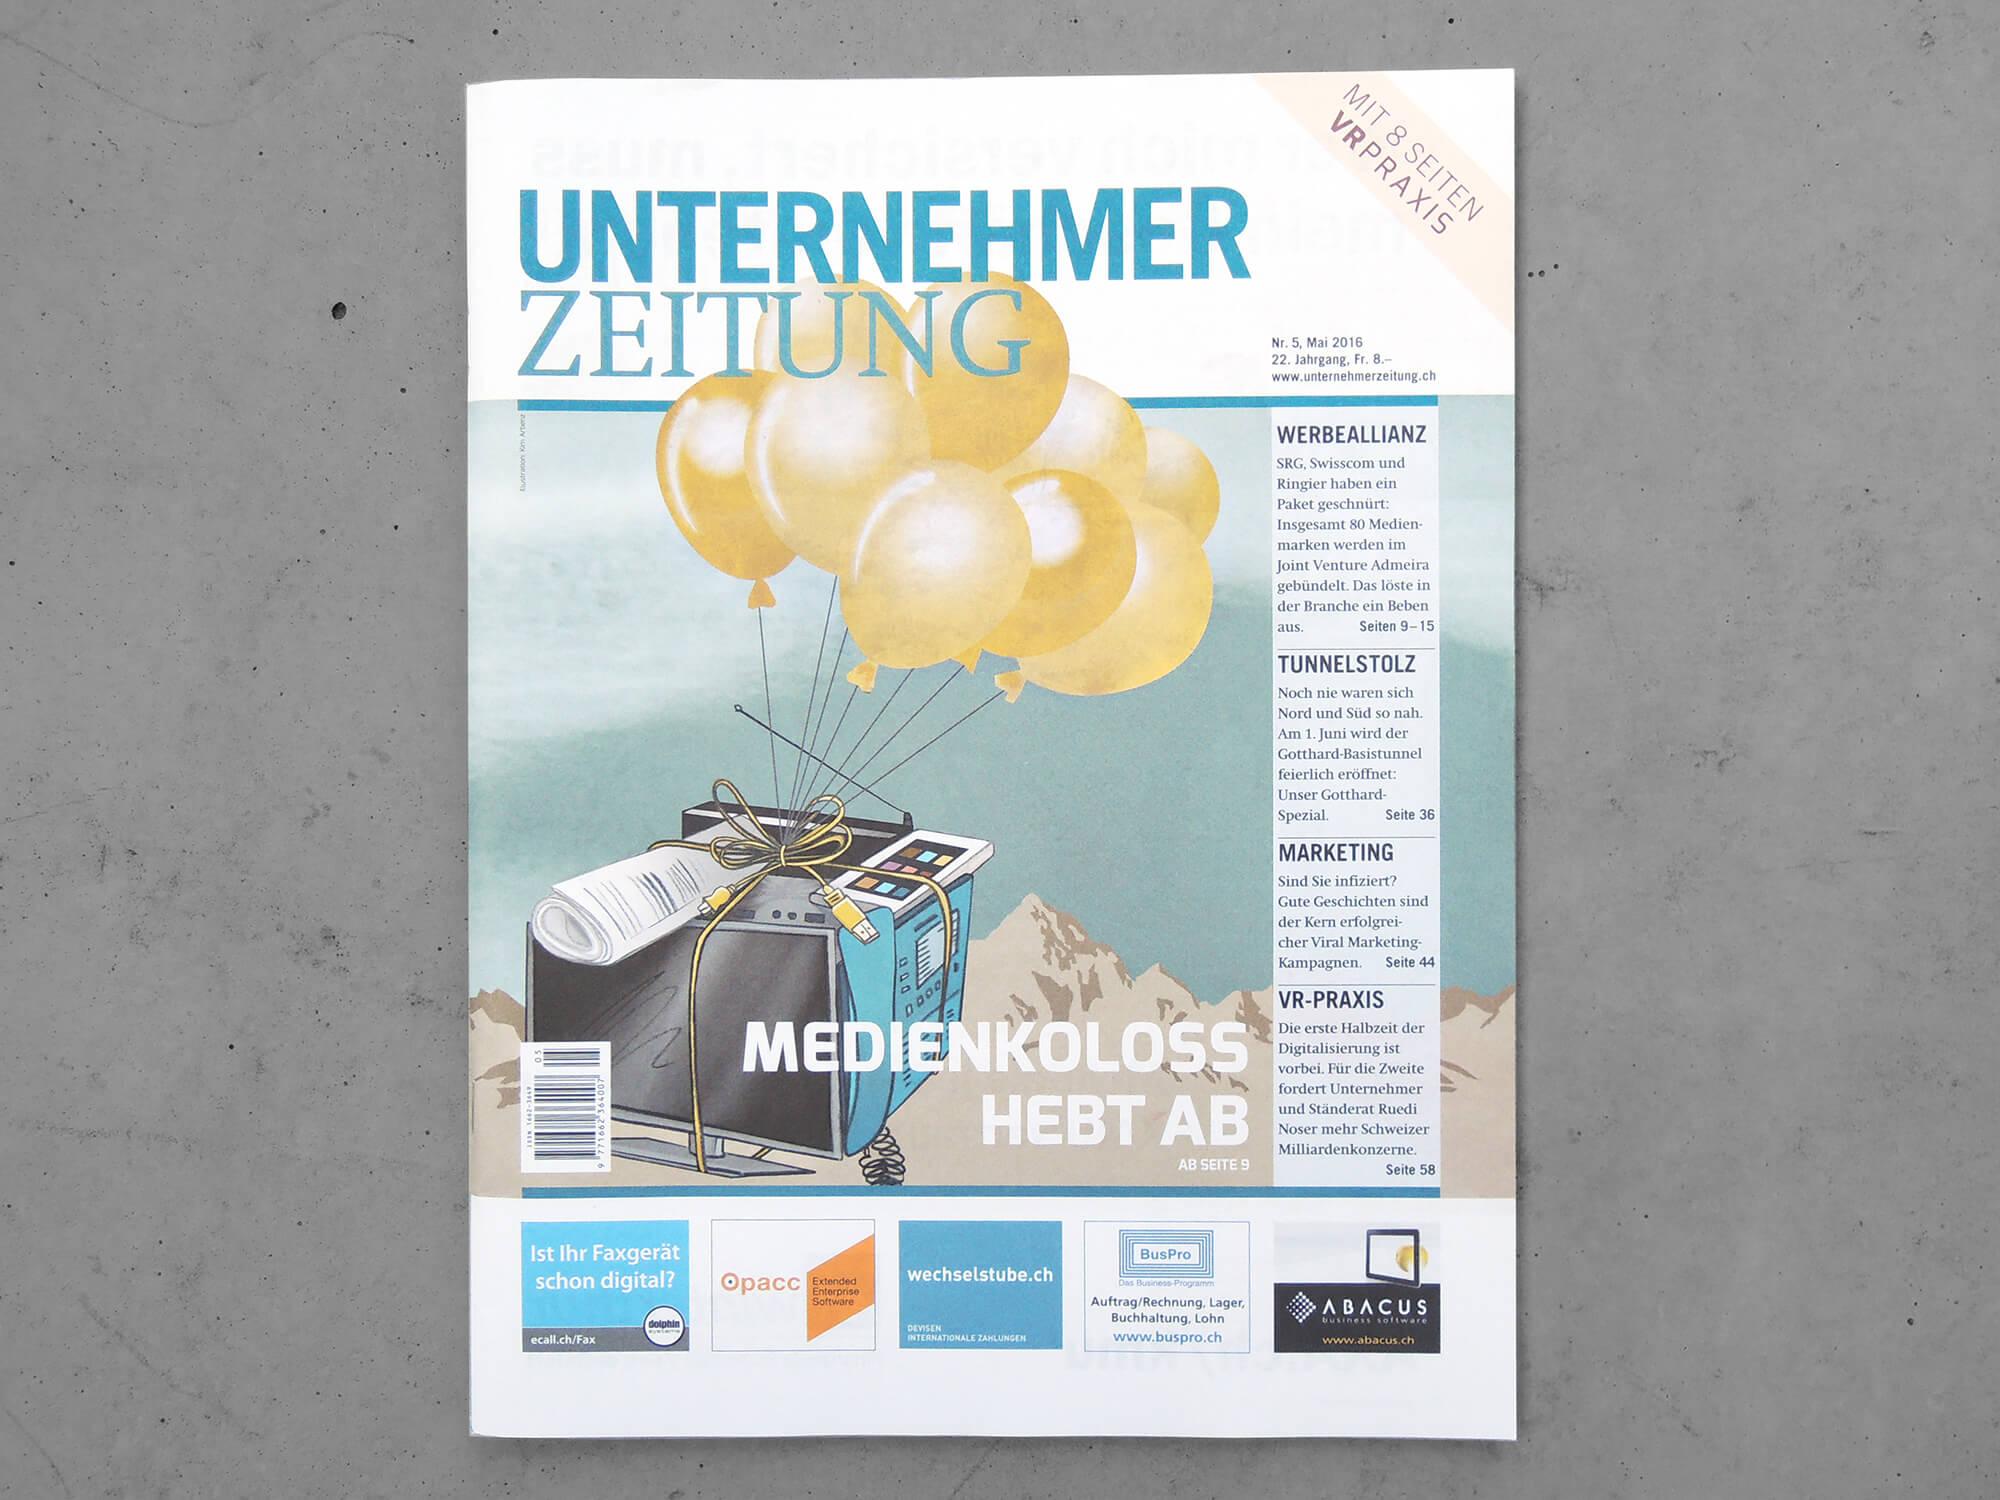 Cover_Unternehmer-Zeitung_Kim-Arbenz